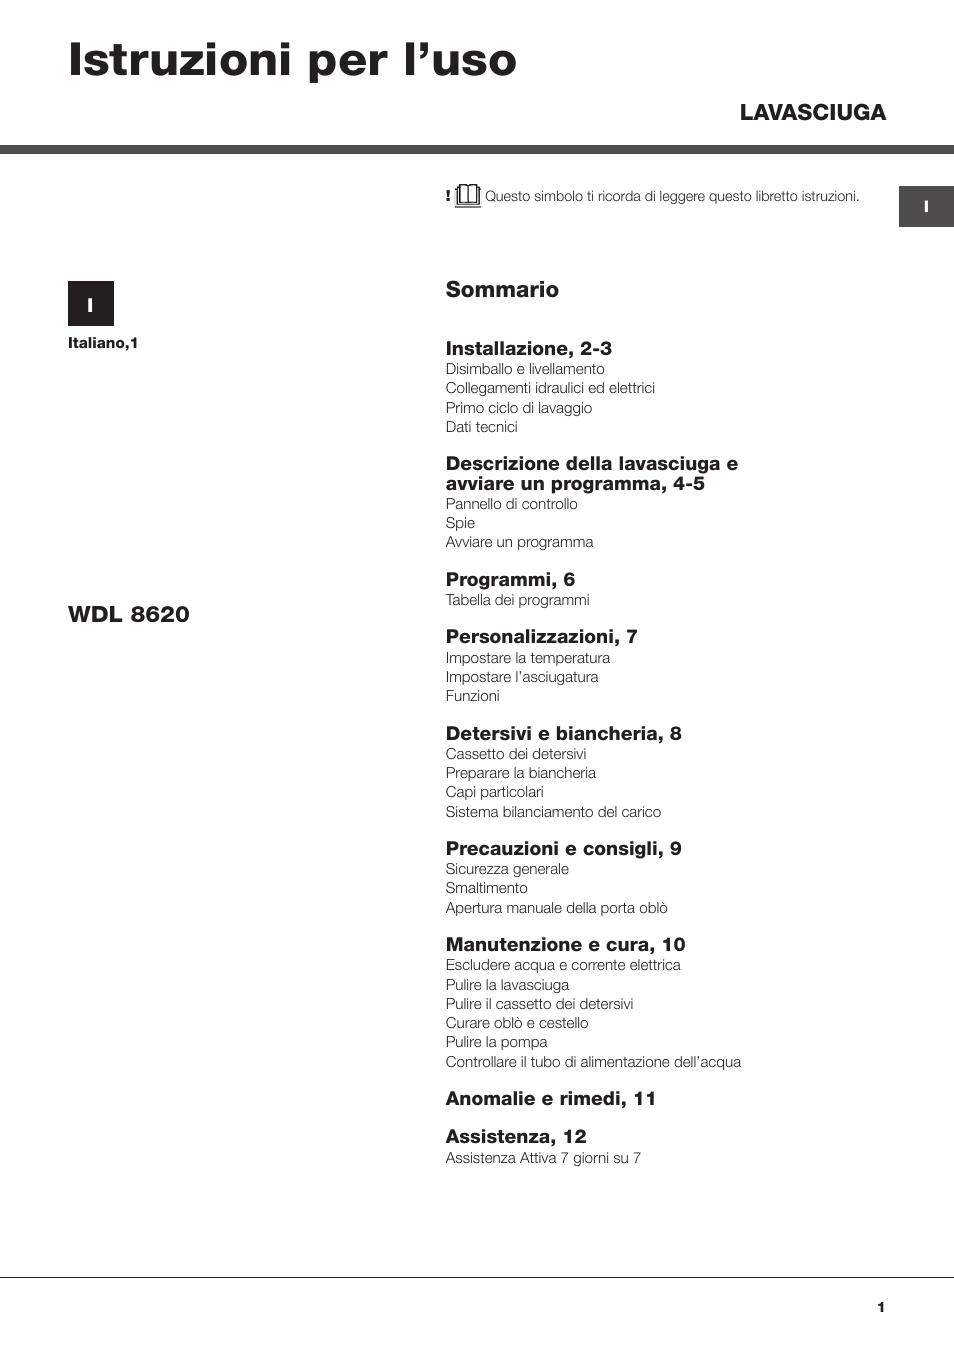 Hotpoint ariston wdl 8620 it manuale d 39 uso pagine 12 for Caldaia ariston egis manuale d uso